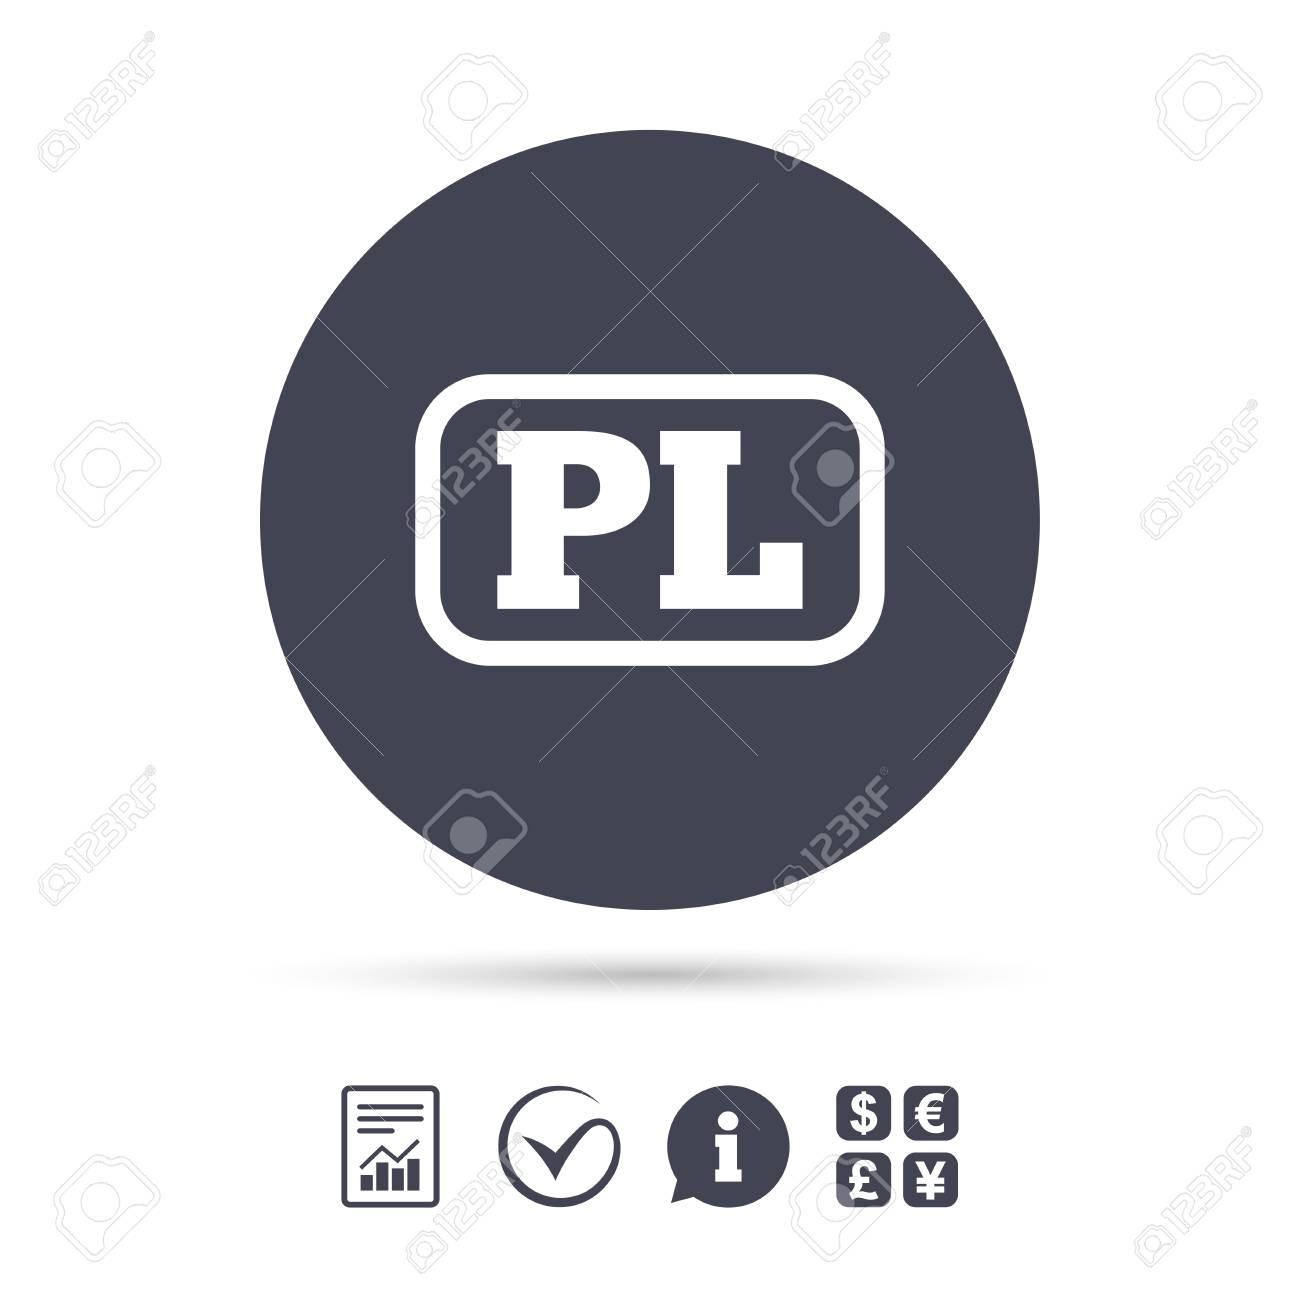 Polish Language Sign Icon Pl Translation Symbol With Frame